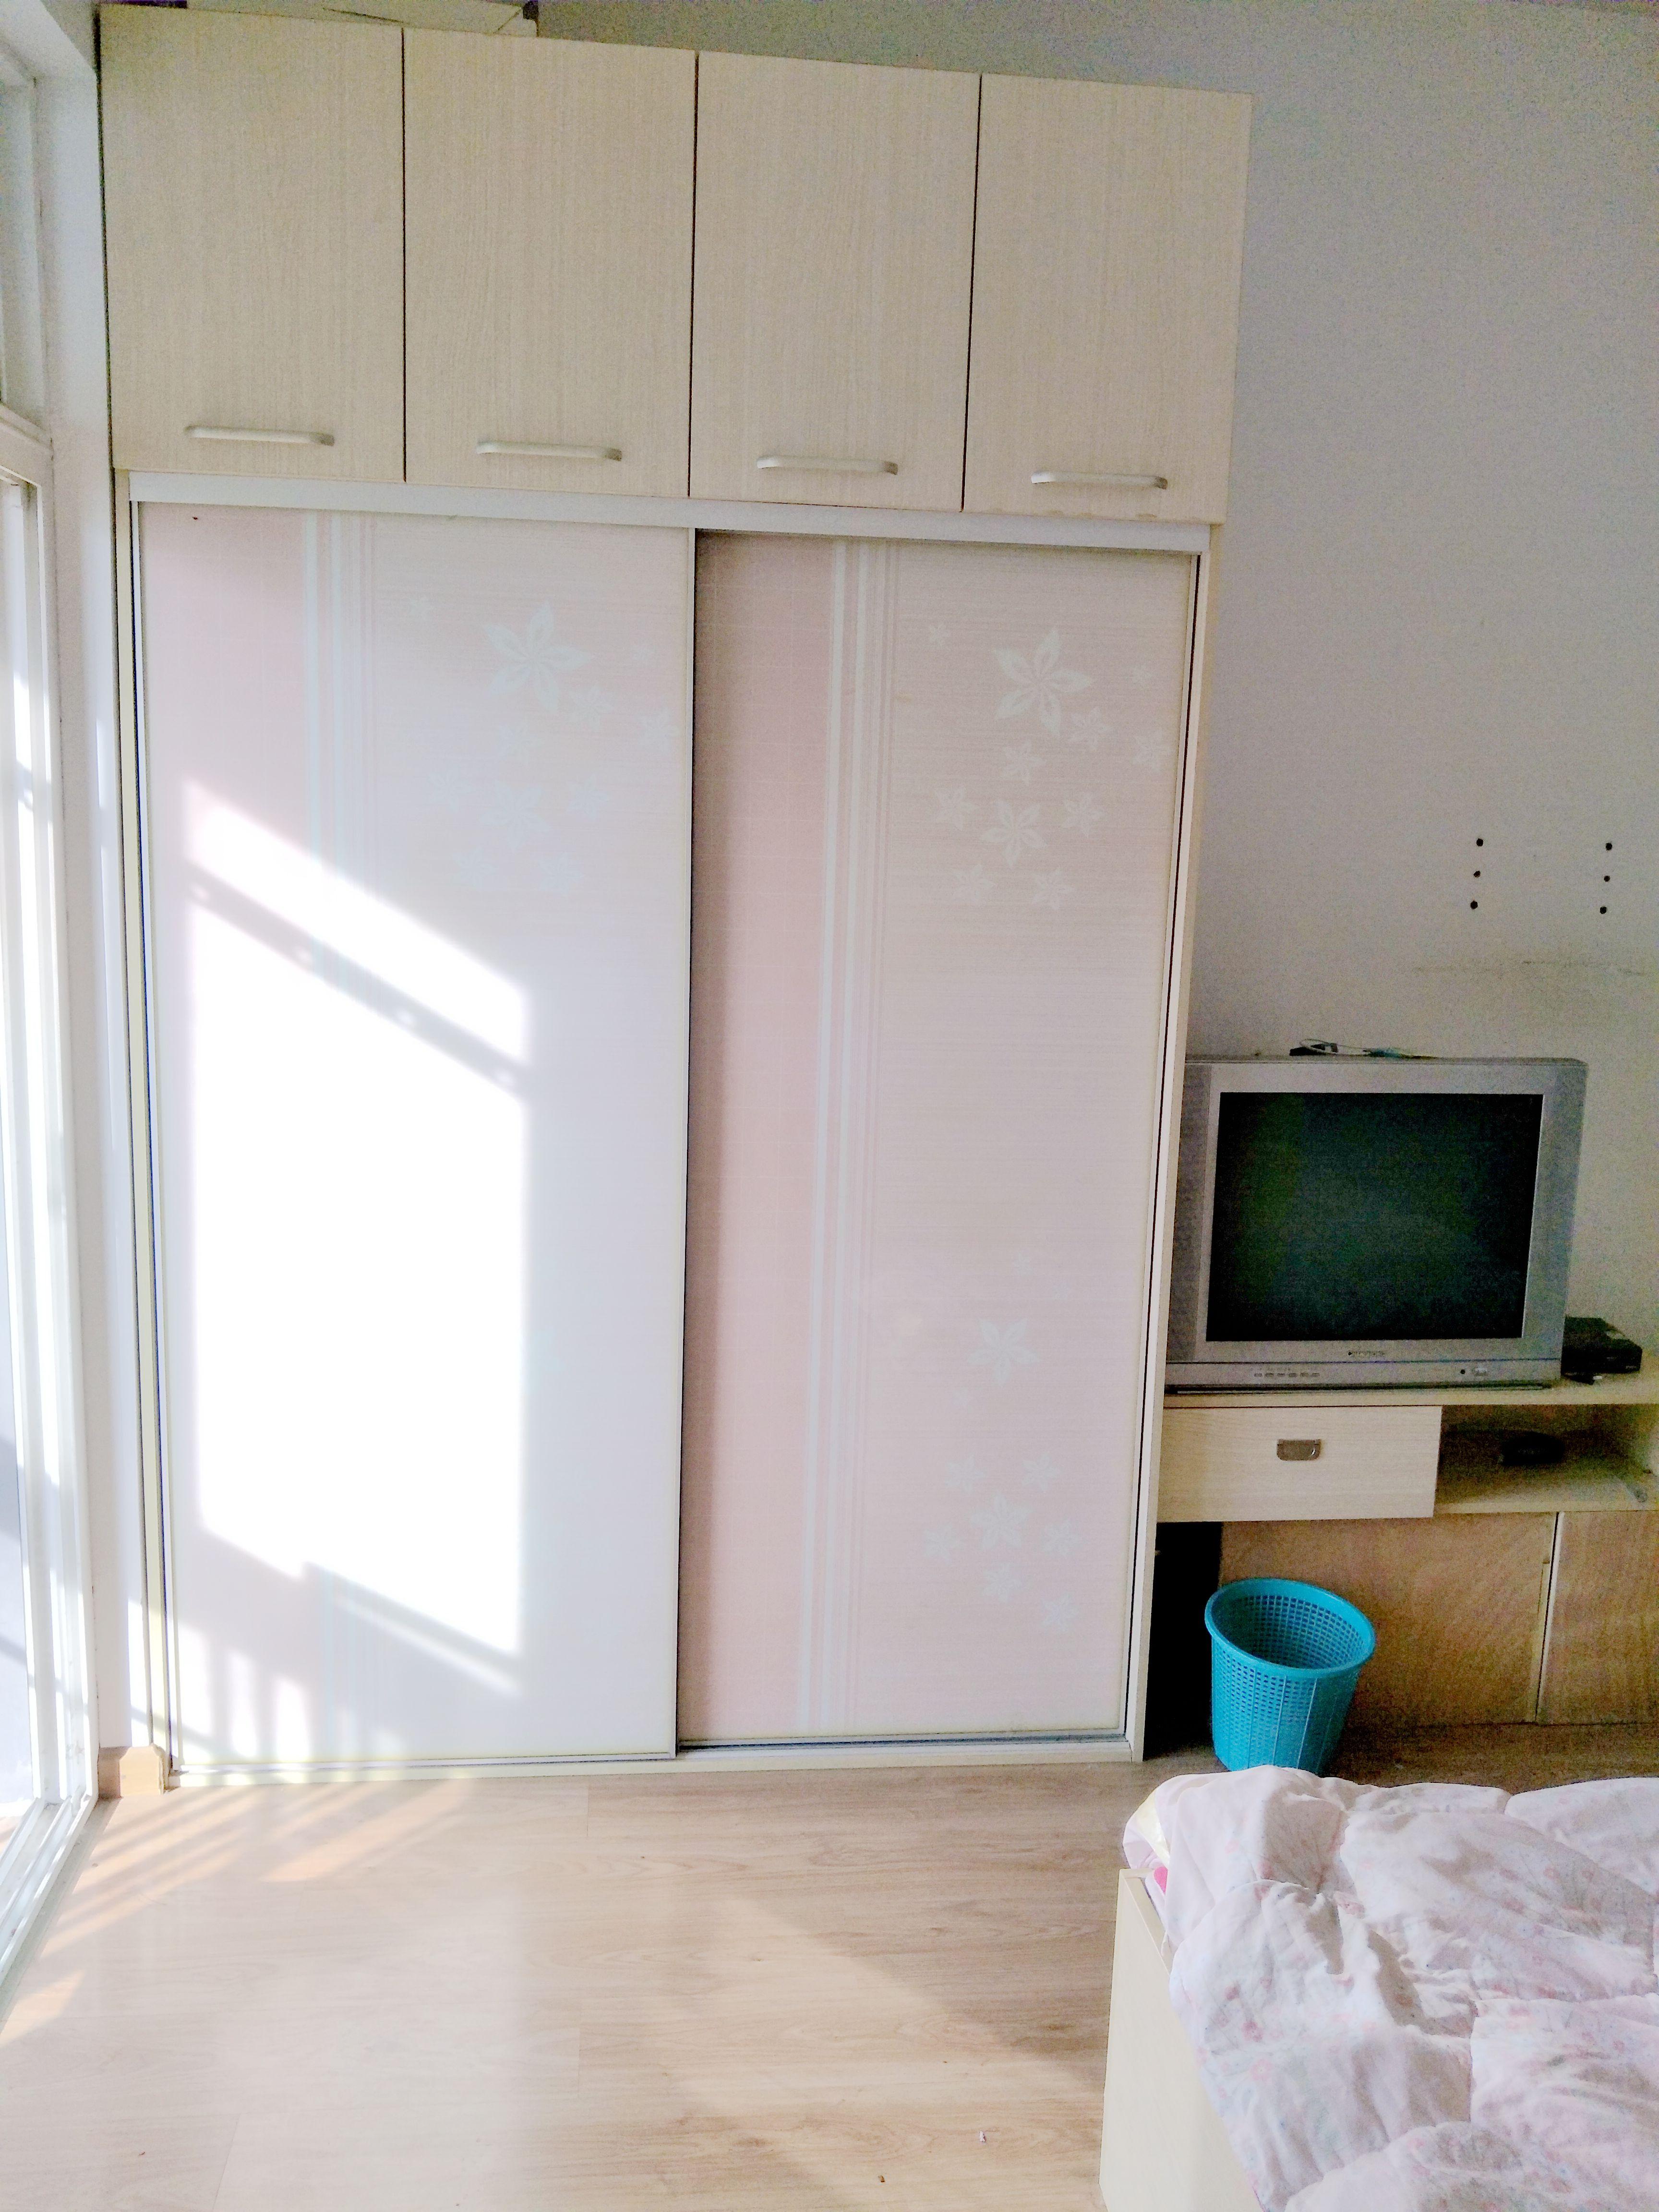 金地国际城A区42平米小公寓出租_5